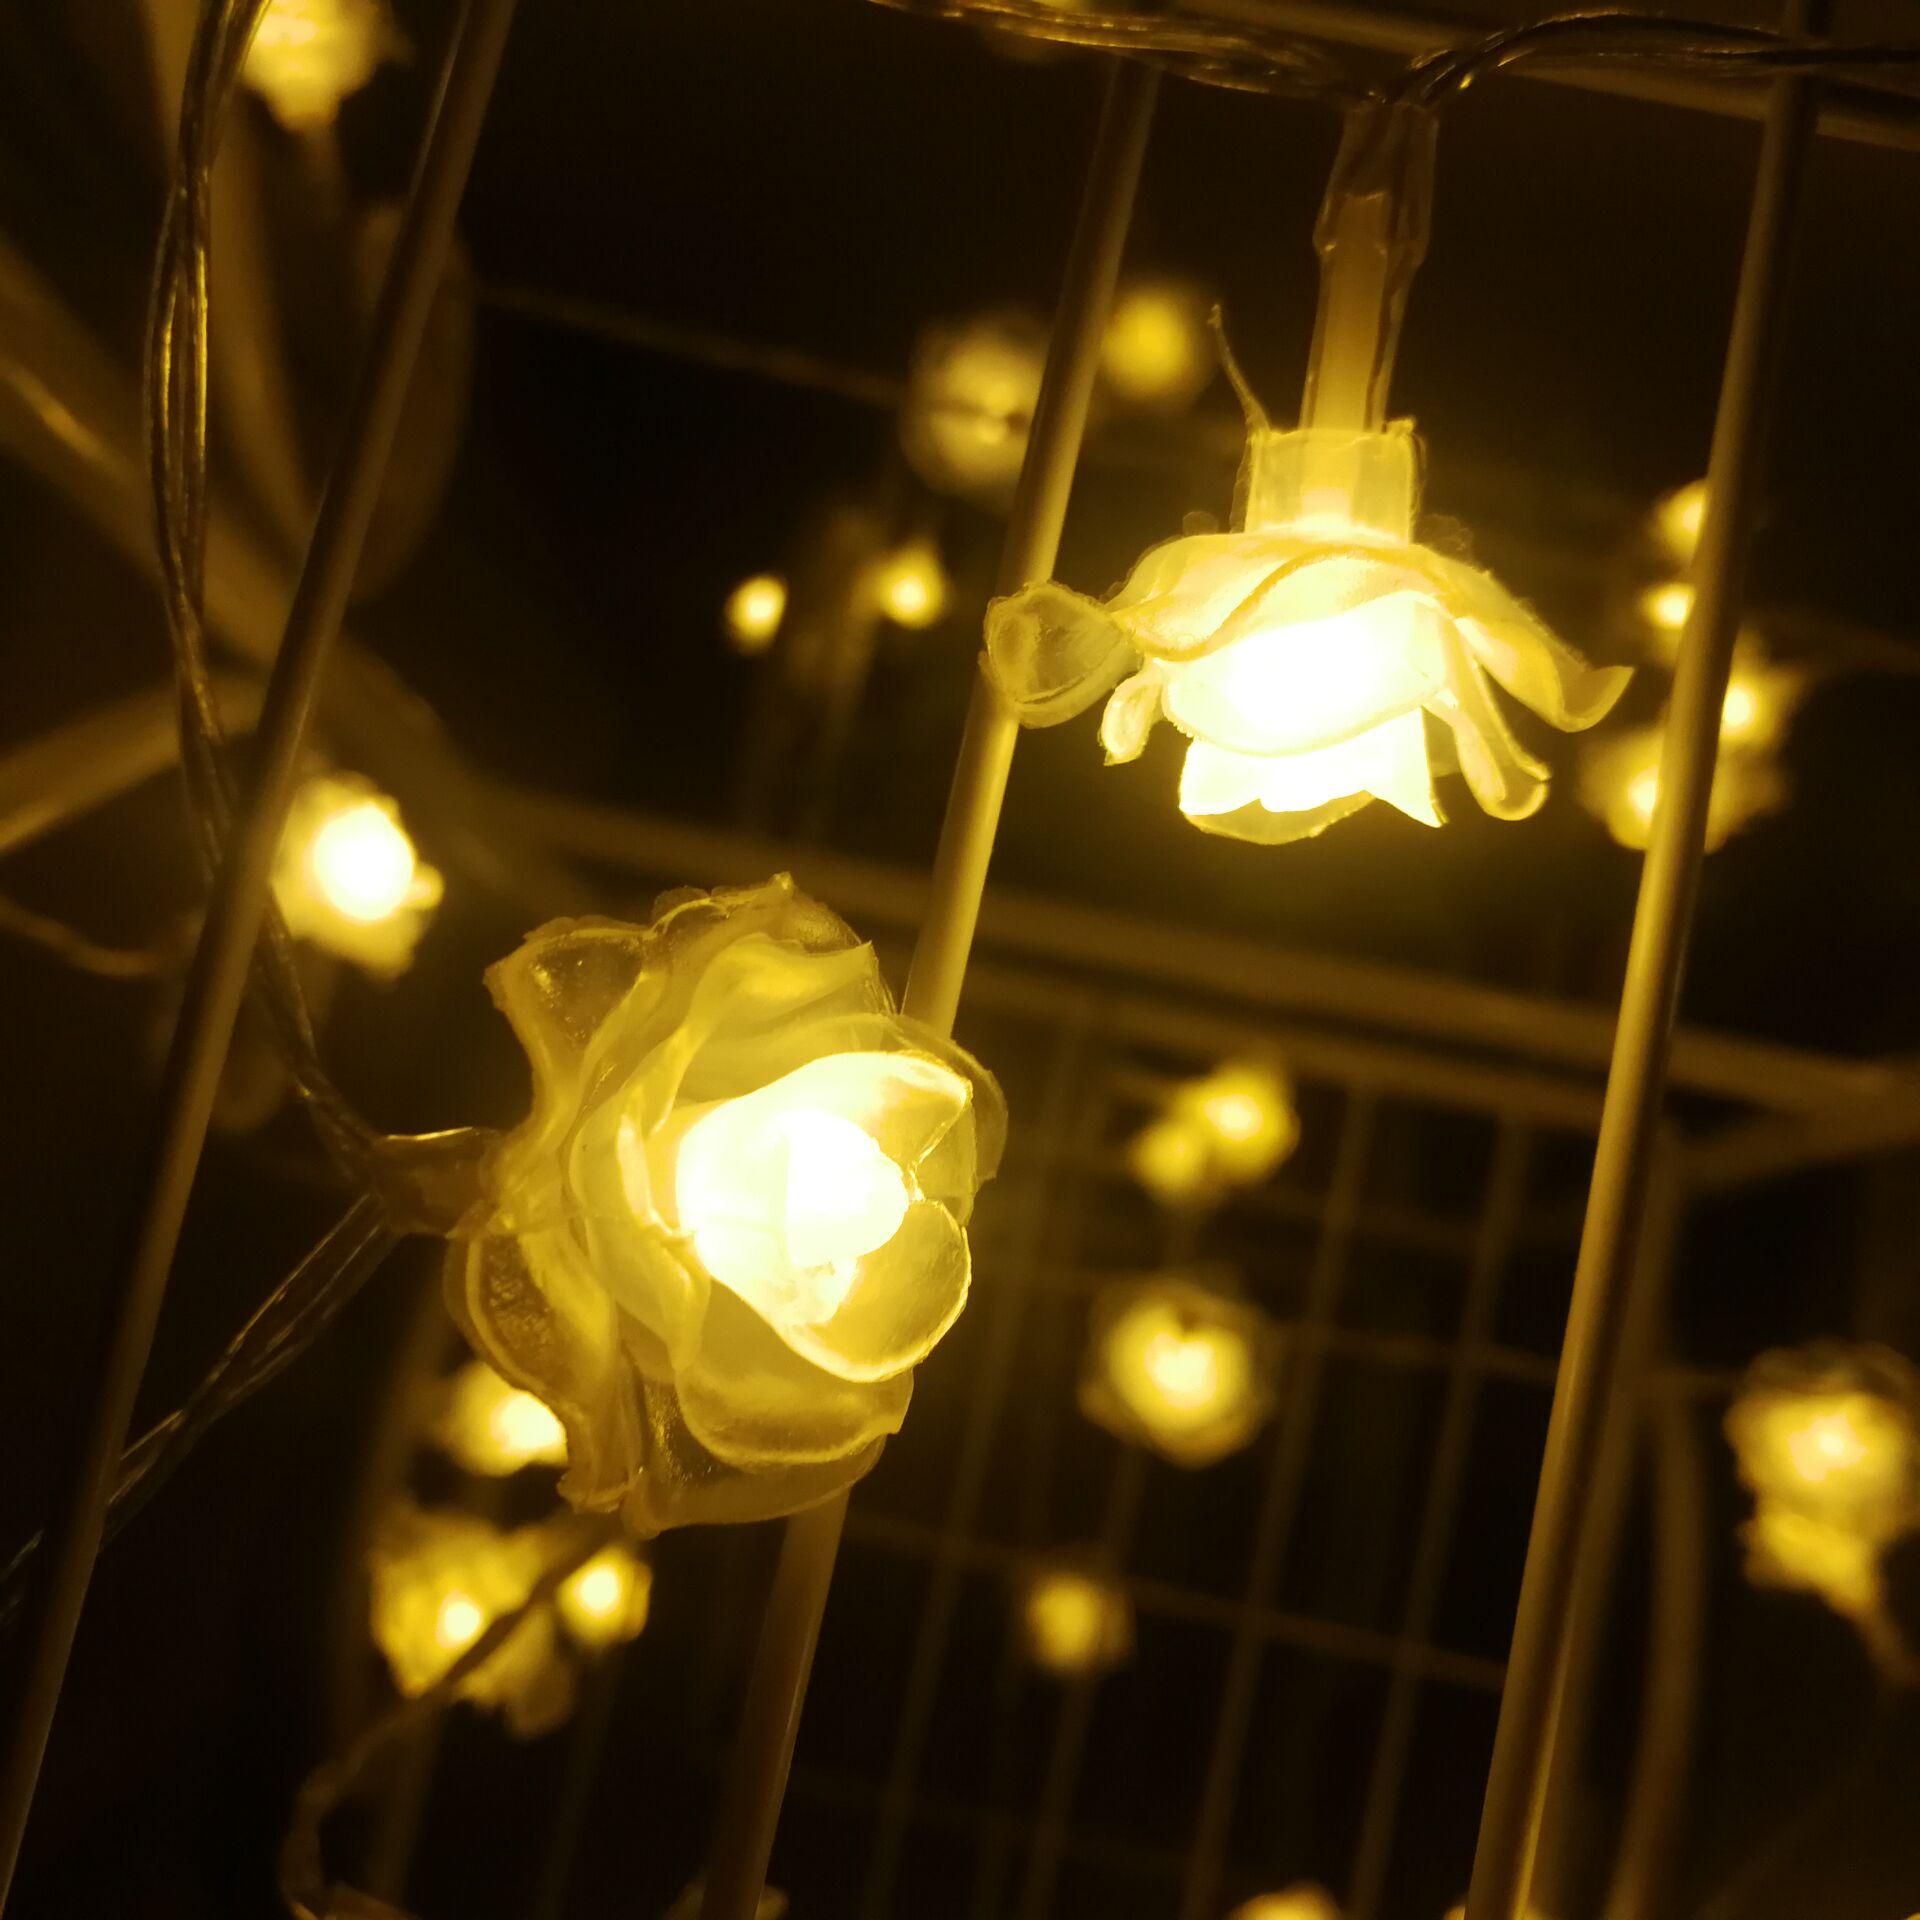 宿舍小物床上彩灯串灯网红少女心房间装饰卧室仙女布置ins风文艺